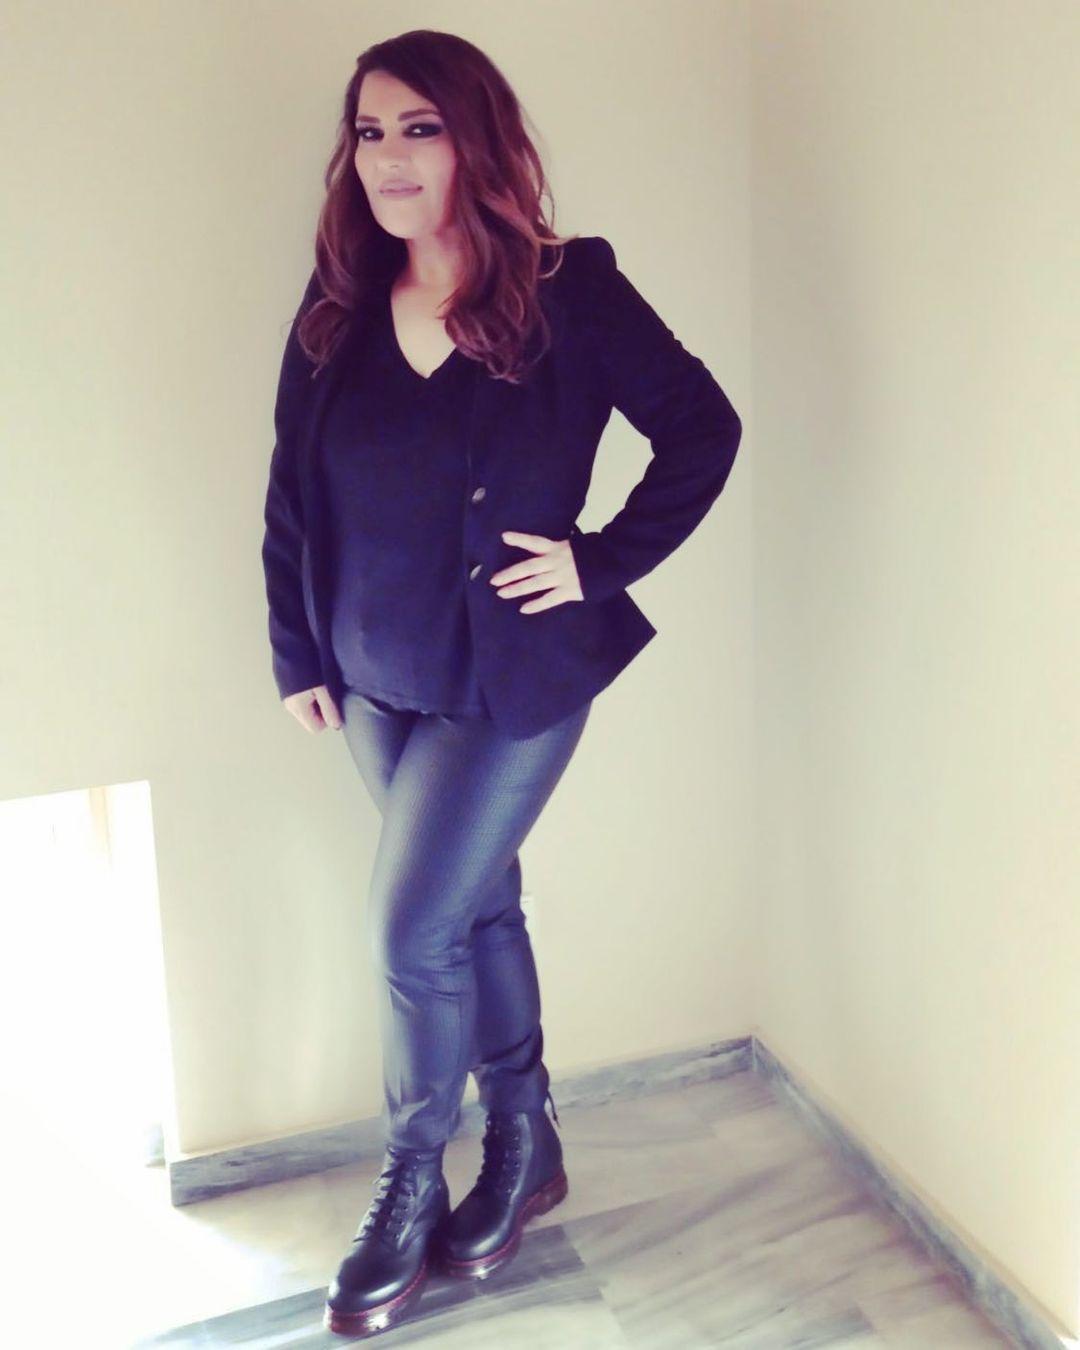 Κατερίνα Ζαρίφη μετά την απώλεια 18 κιλών